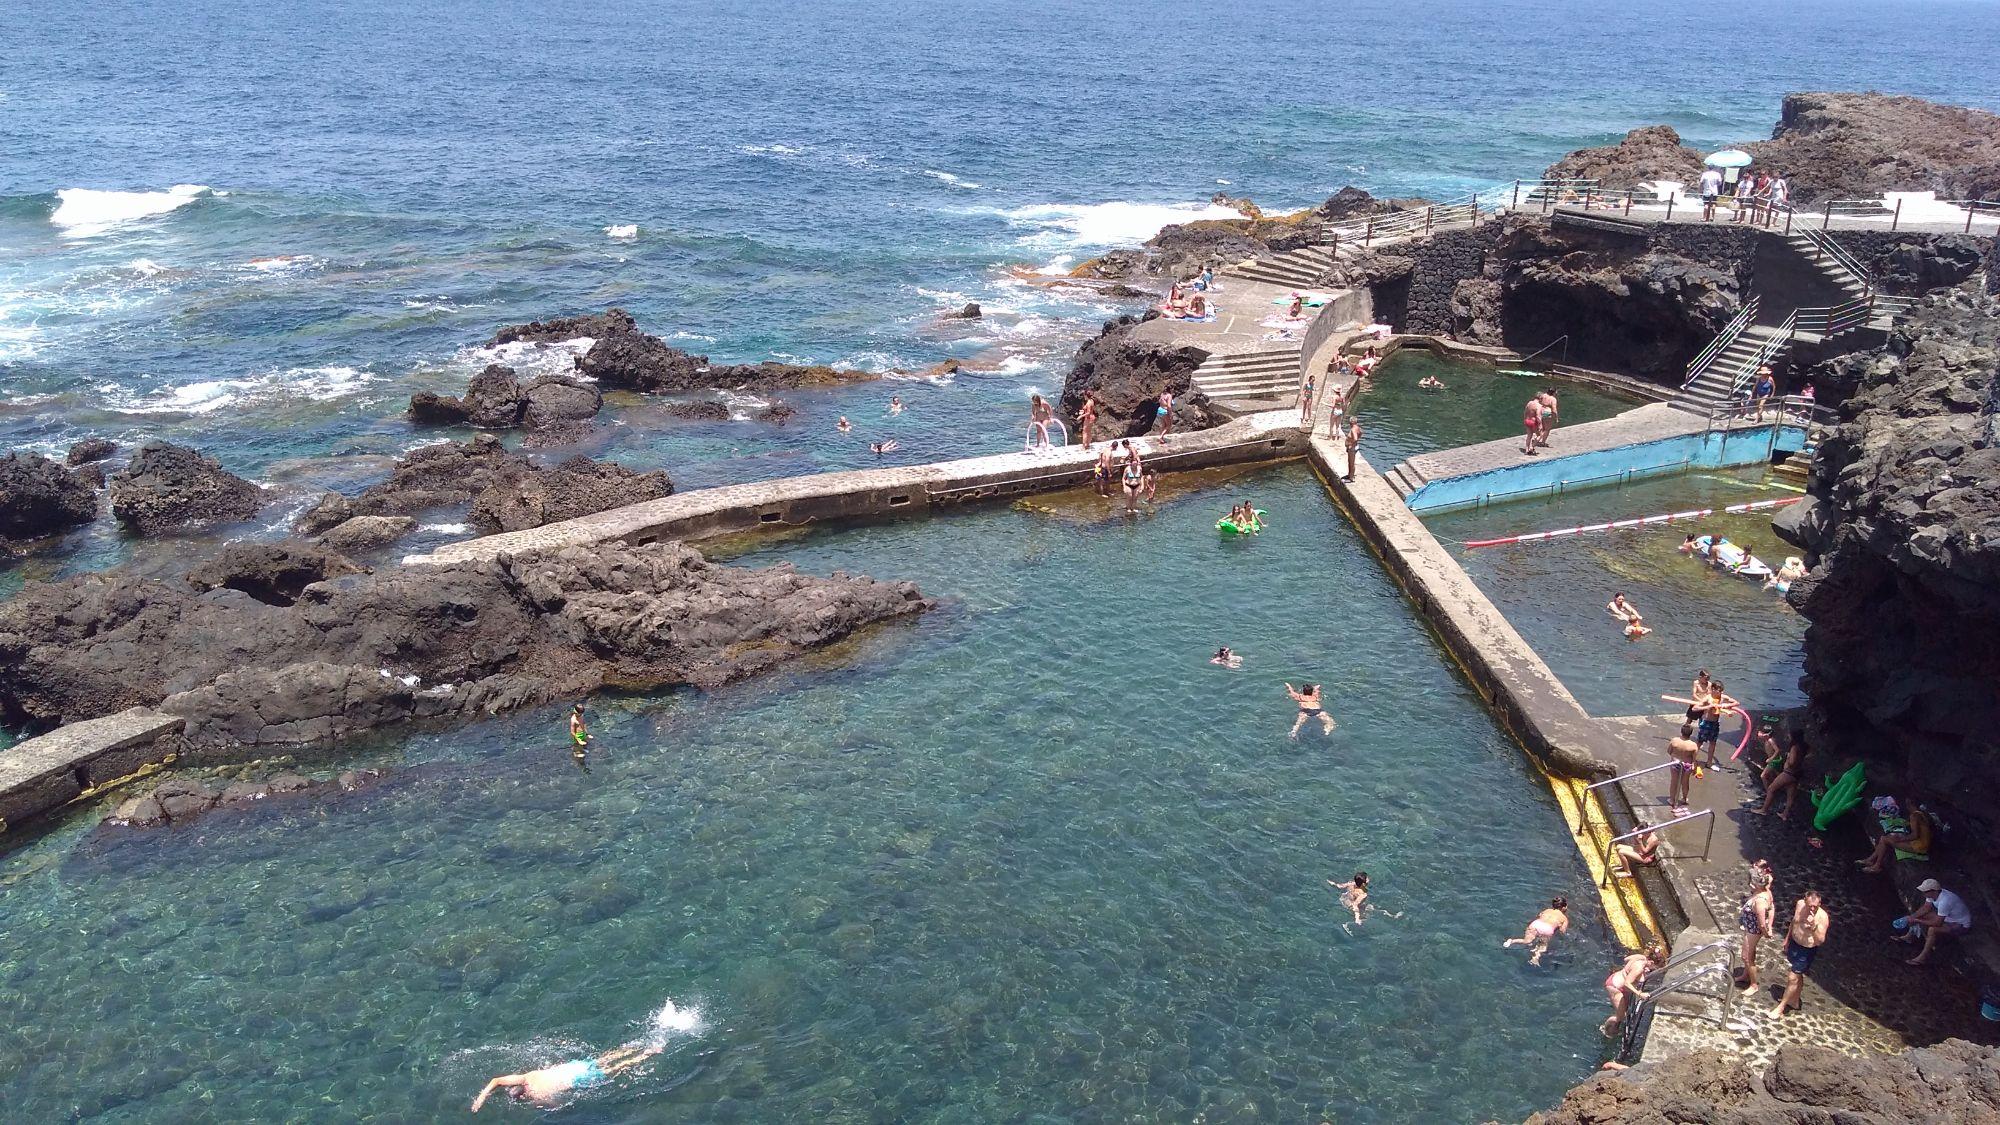 swimming barlovento los sauces la fajana la palma